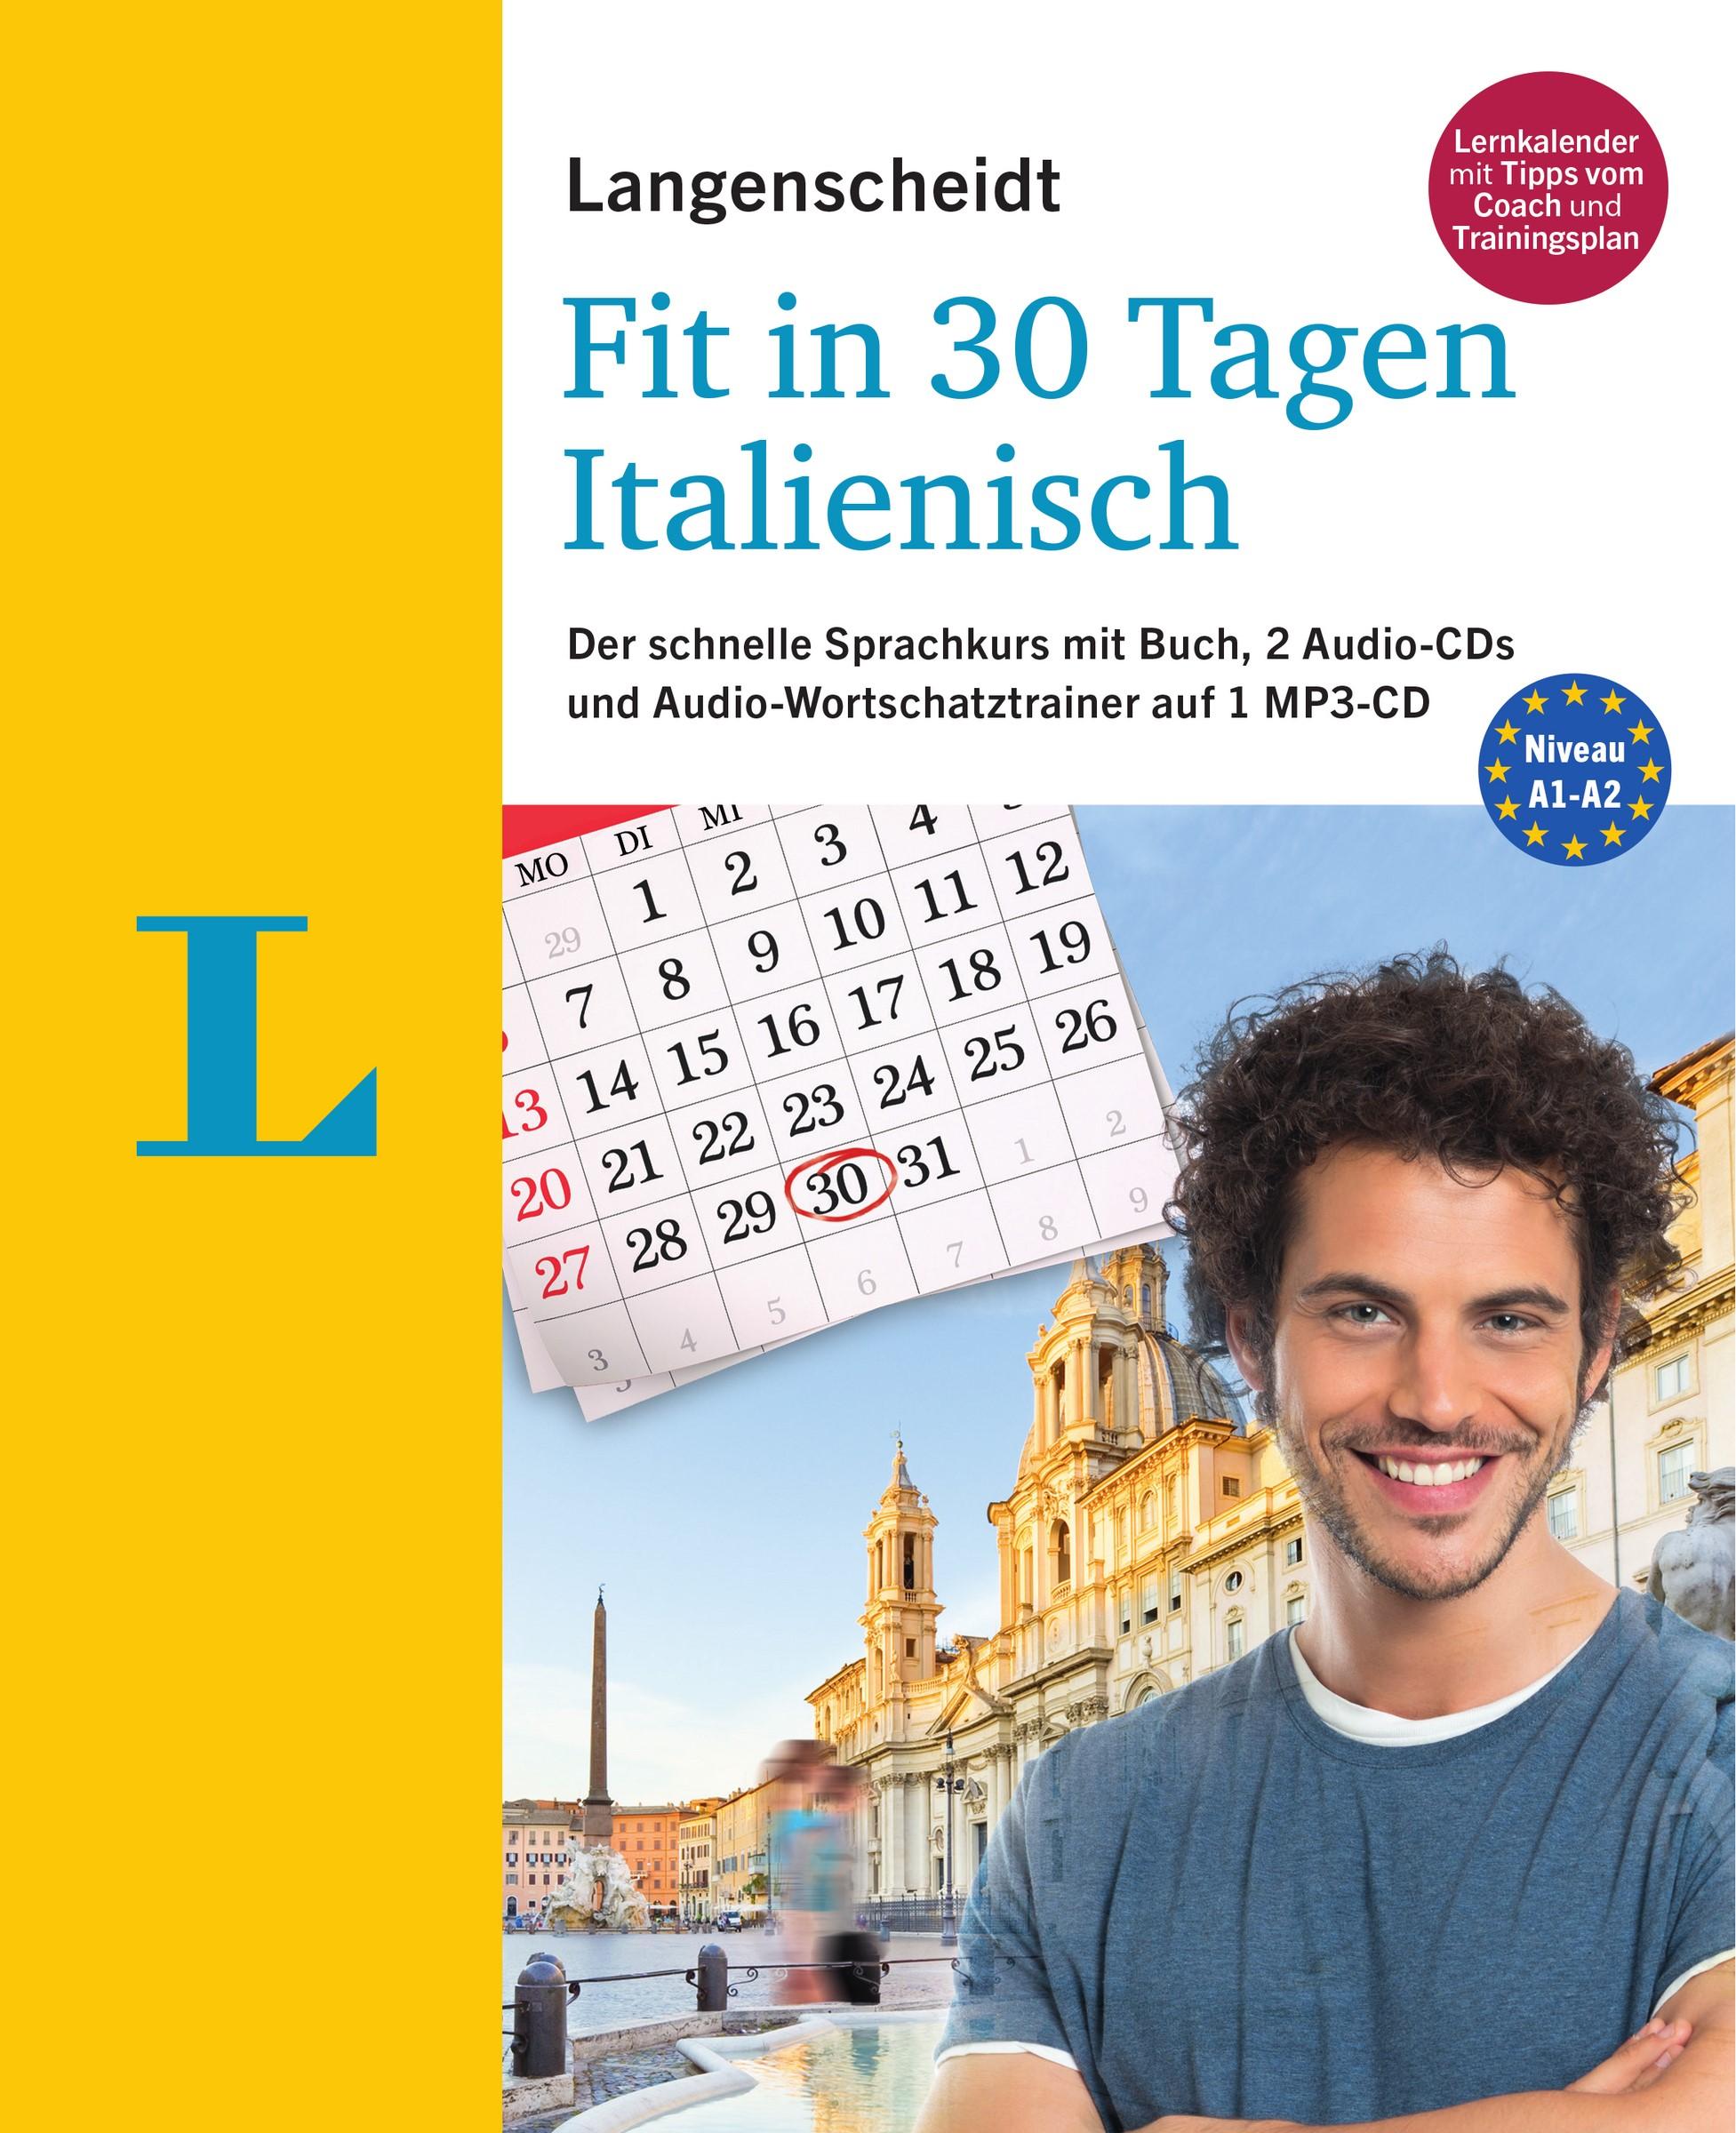 Langenscheidt Fit in 30 Tagen - Italienisch - Sprachkurs für Anfänger und Wiedereinsteiger   Müller-Renzoni   Neuauflage, 2017   Buch (Cover)